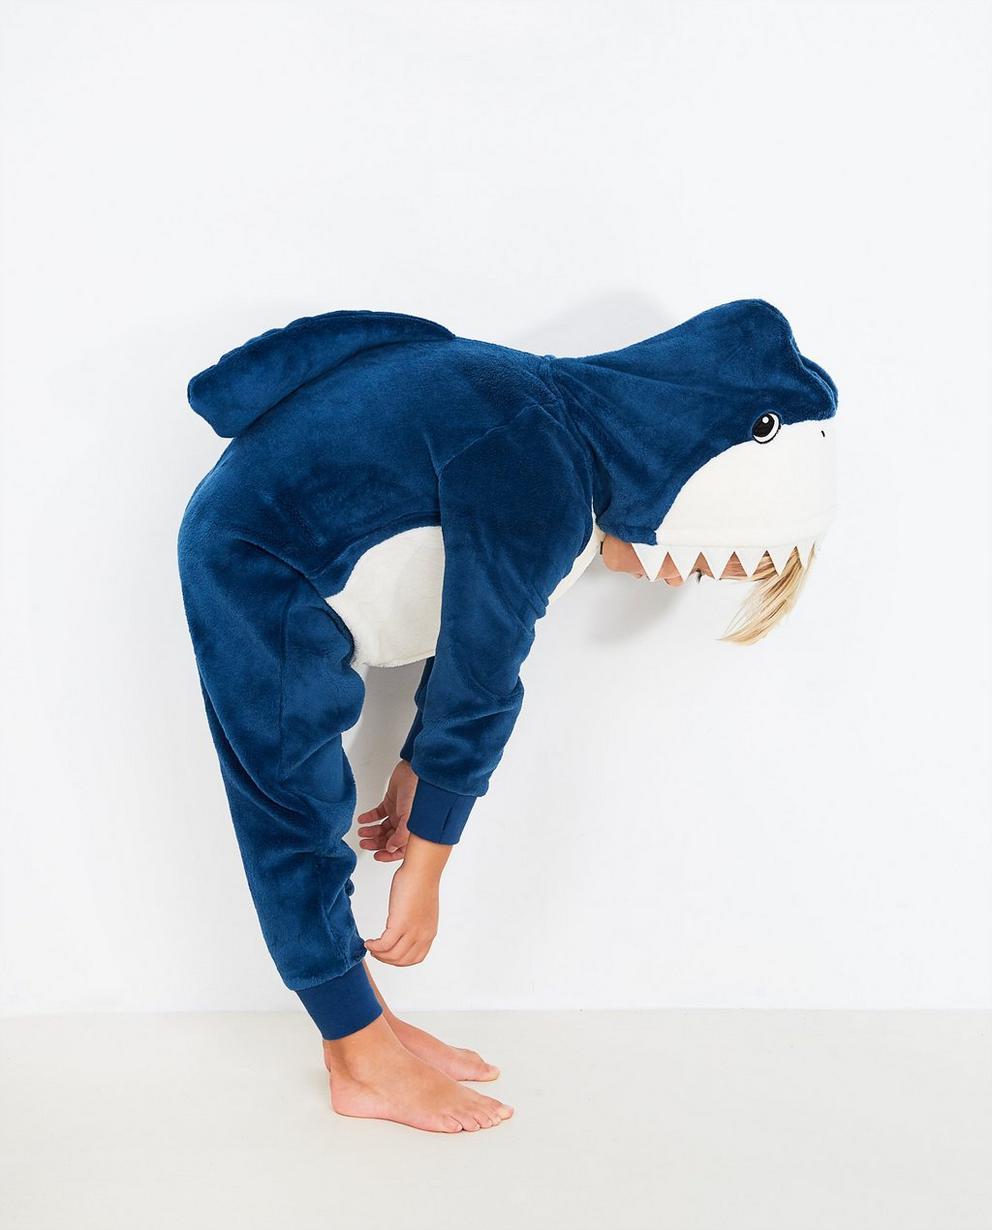 Combinaison bleue - requin avec un capuchon - JBC